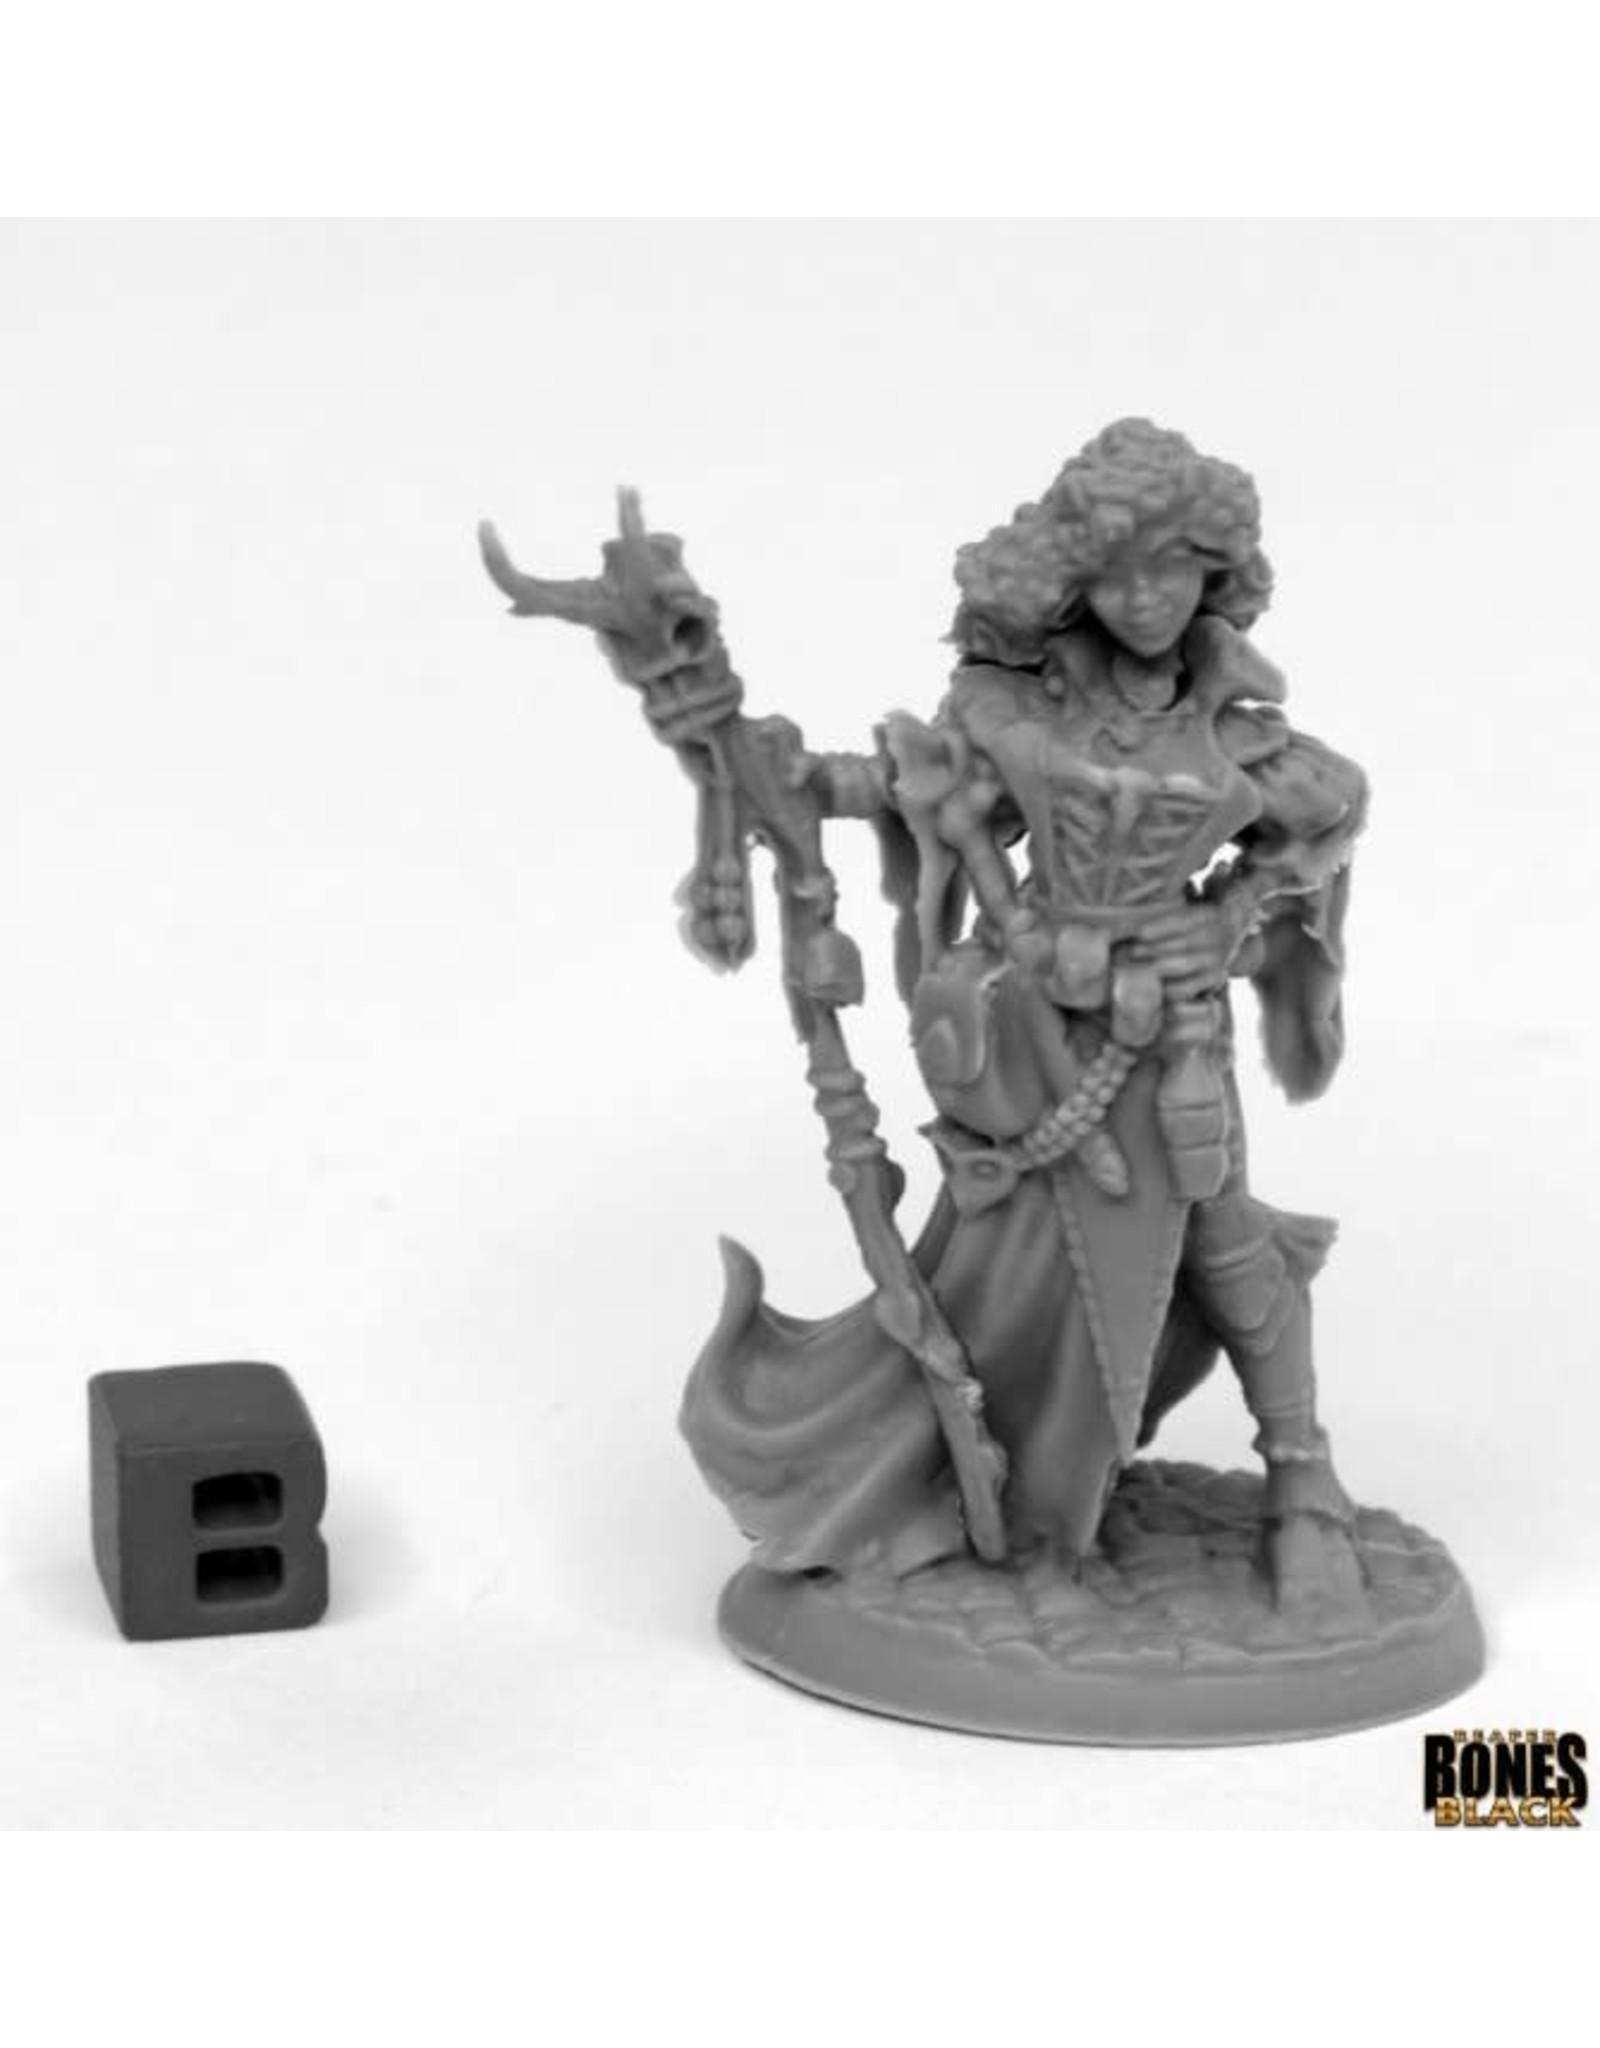 Reaper Reaper: Bones Black: Andowyn Thrushmoor